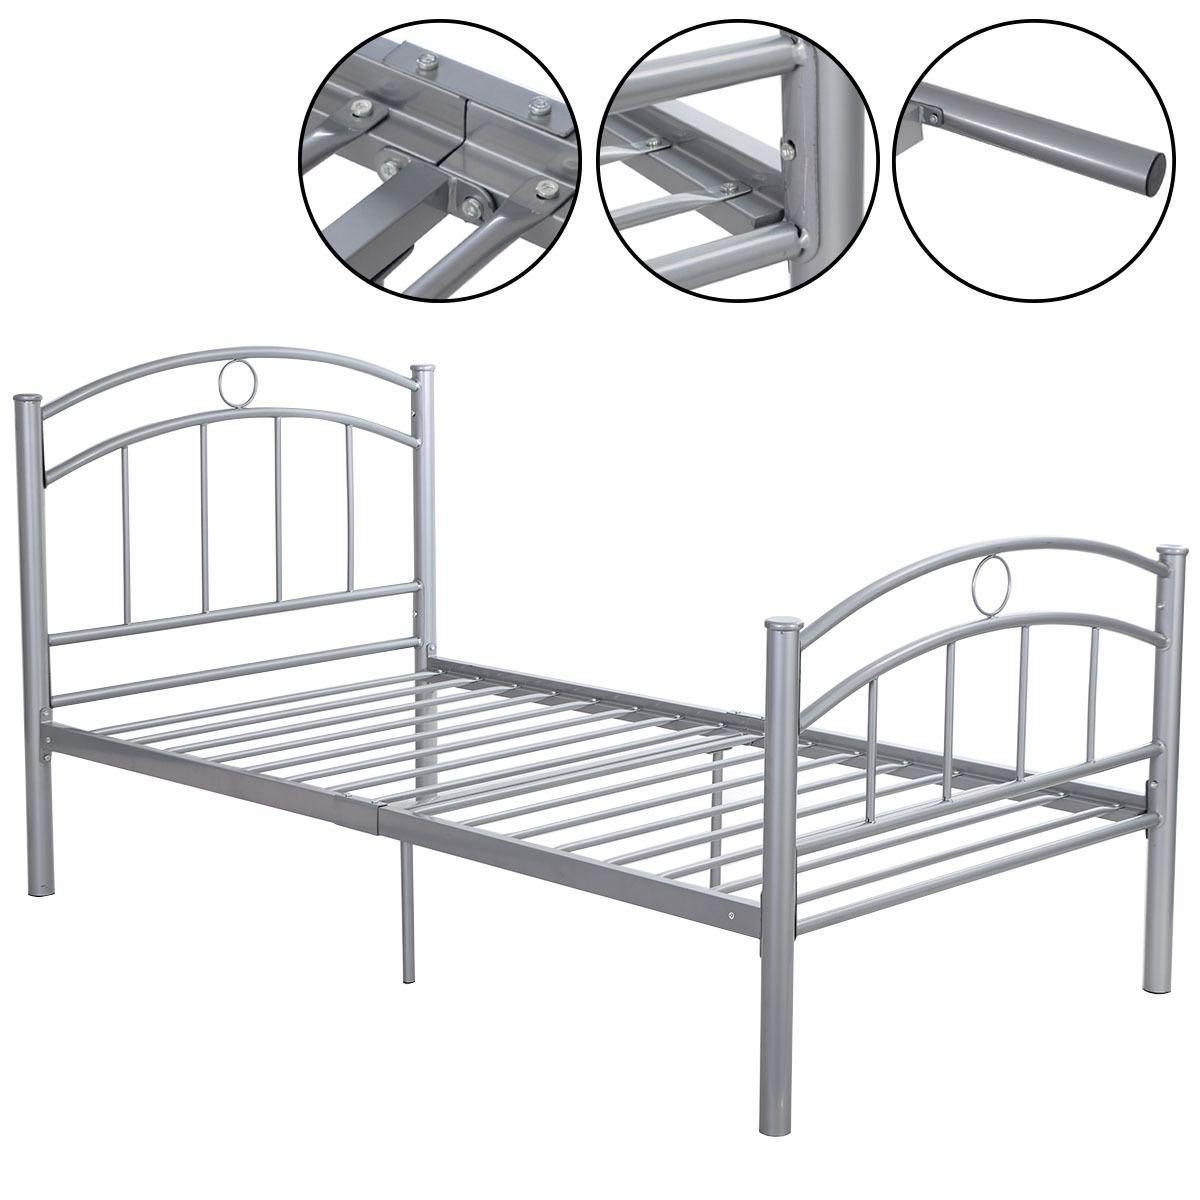 MasterPanel - 83''x43''x42''Sliver Metal Bed Frame Platform Twin Size Bedroom Home Furniture #TP3243